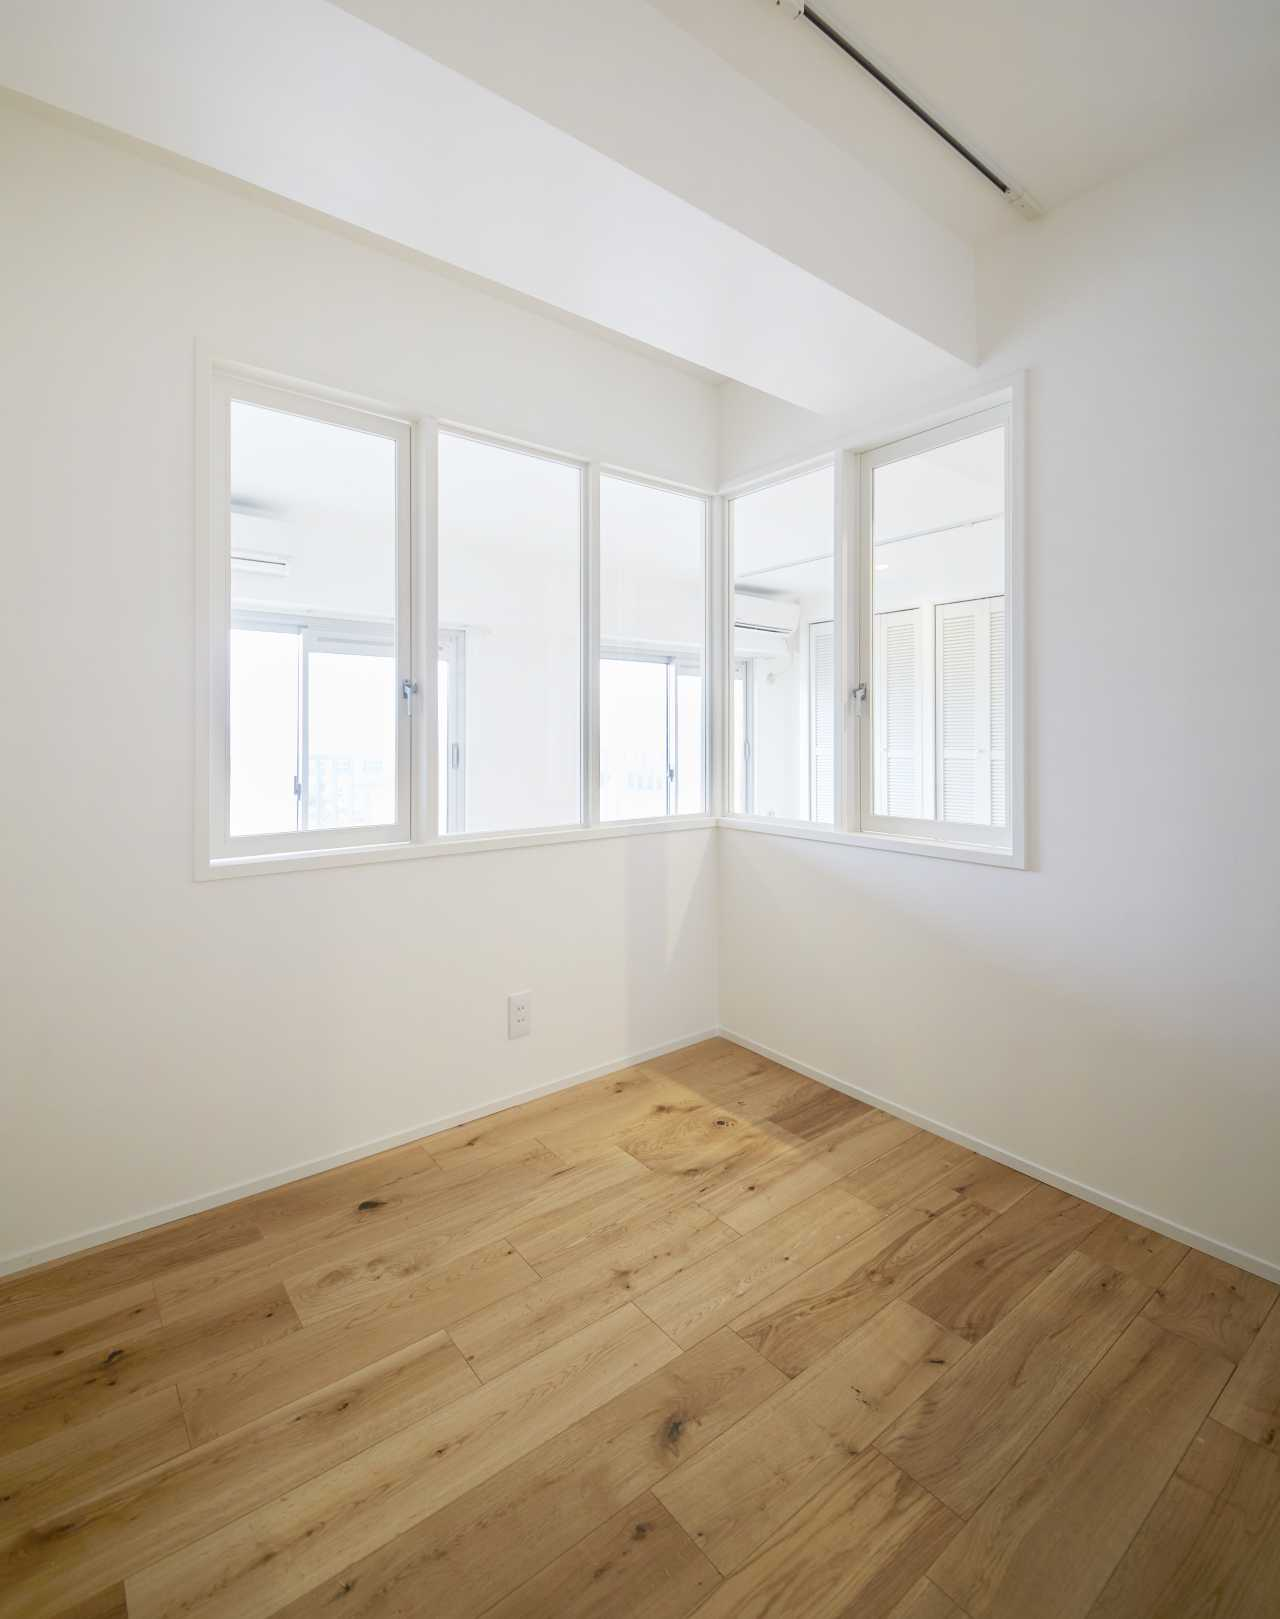 室内窓からはリビングの暖かい光が差し込みます